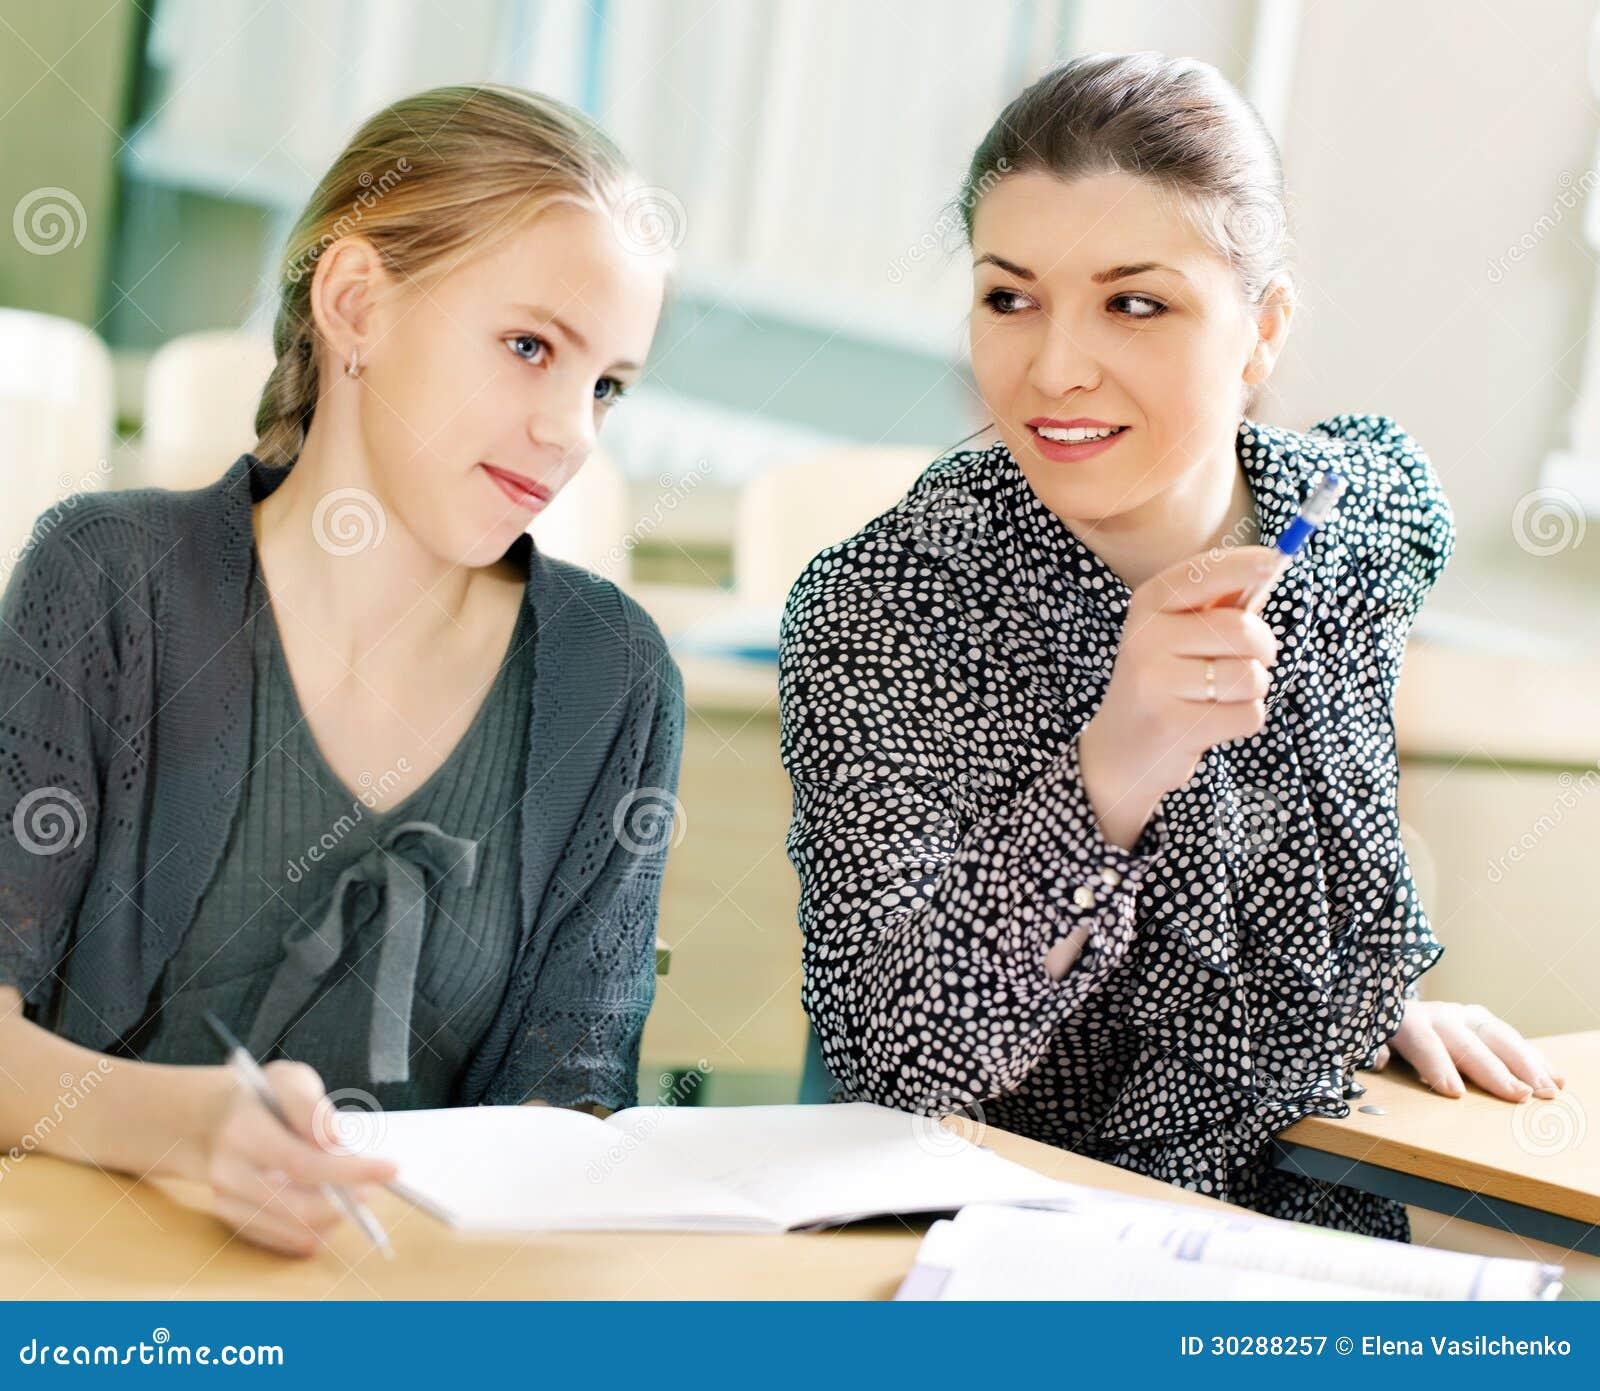 Porträt eines Lehrers, der etwas erklärt